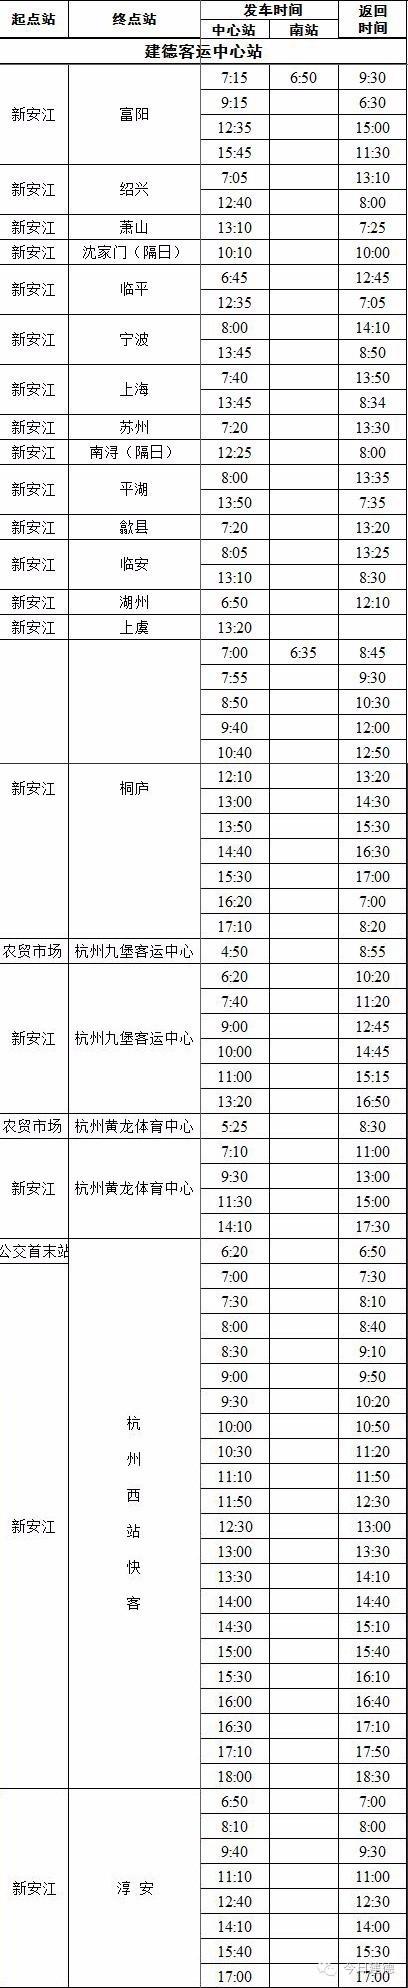 【早知道】建德最新长途客运班车时刻表来啦!请收好!